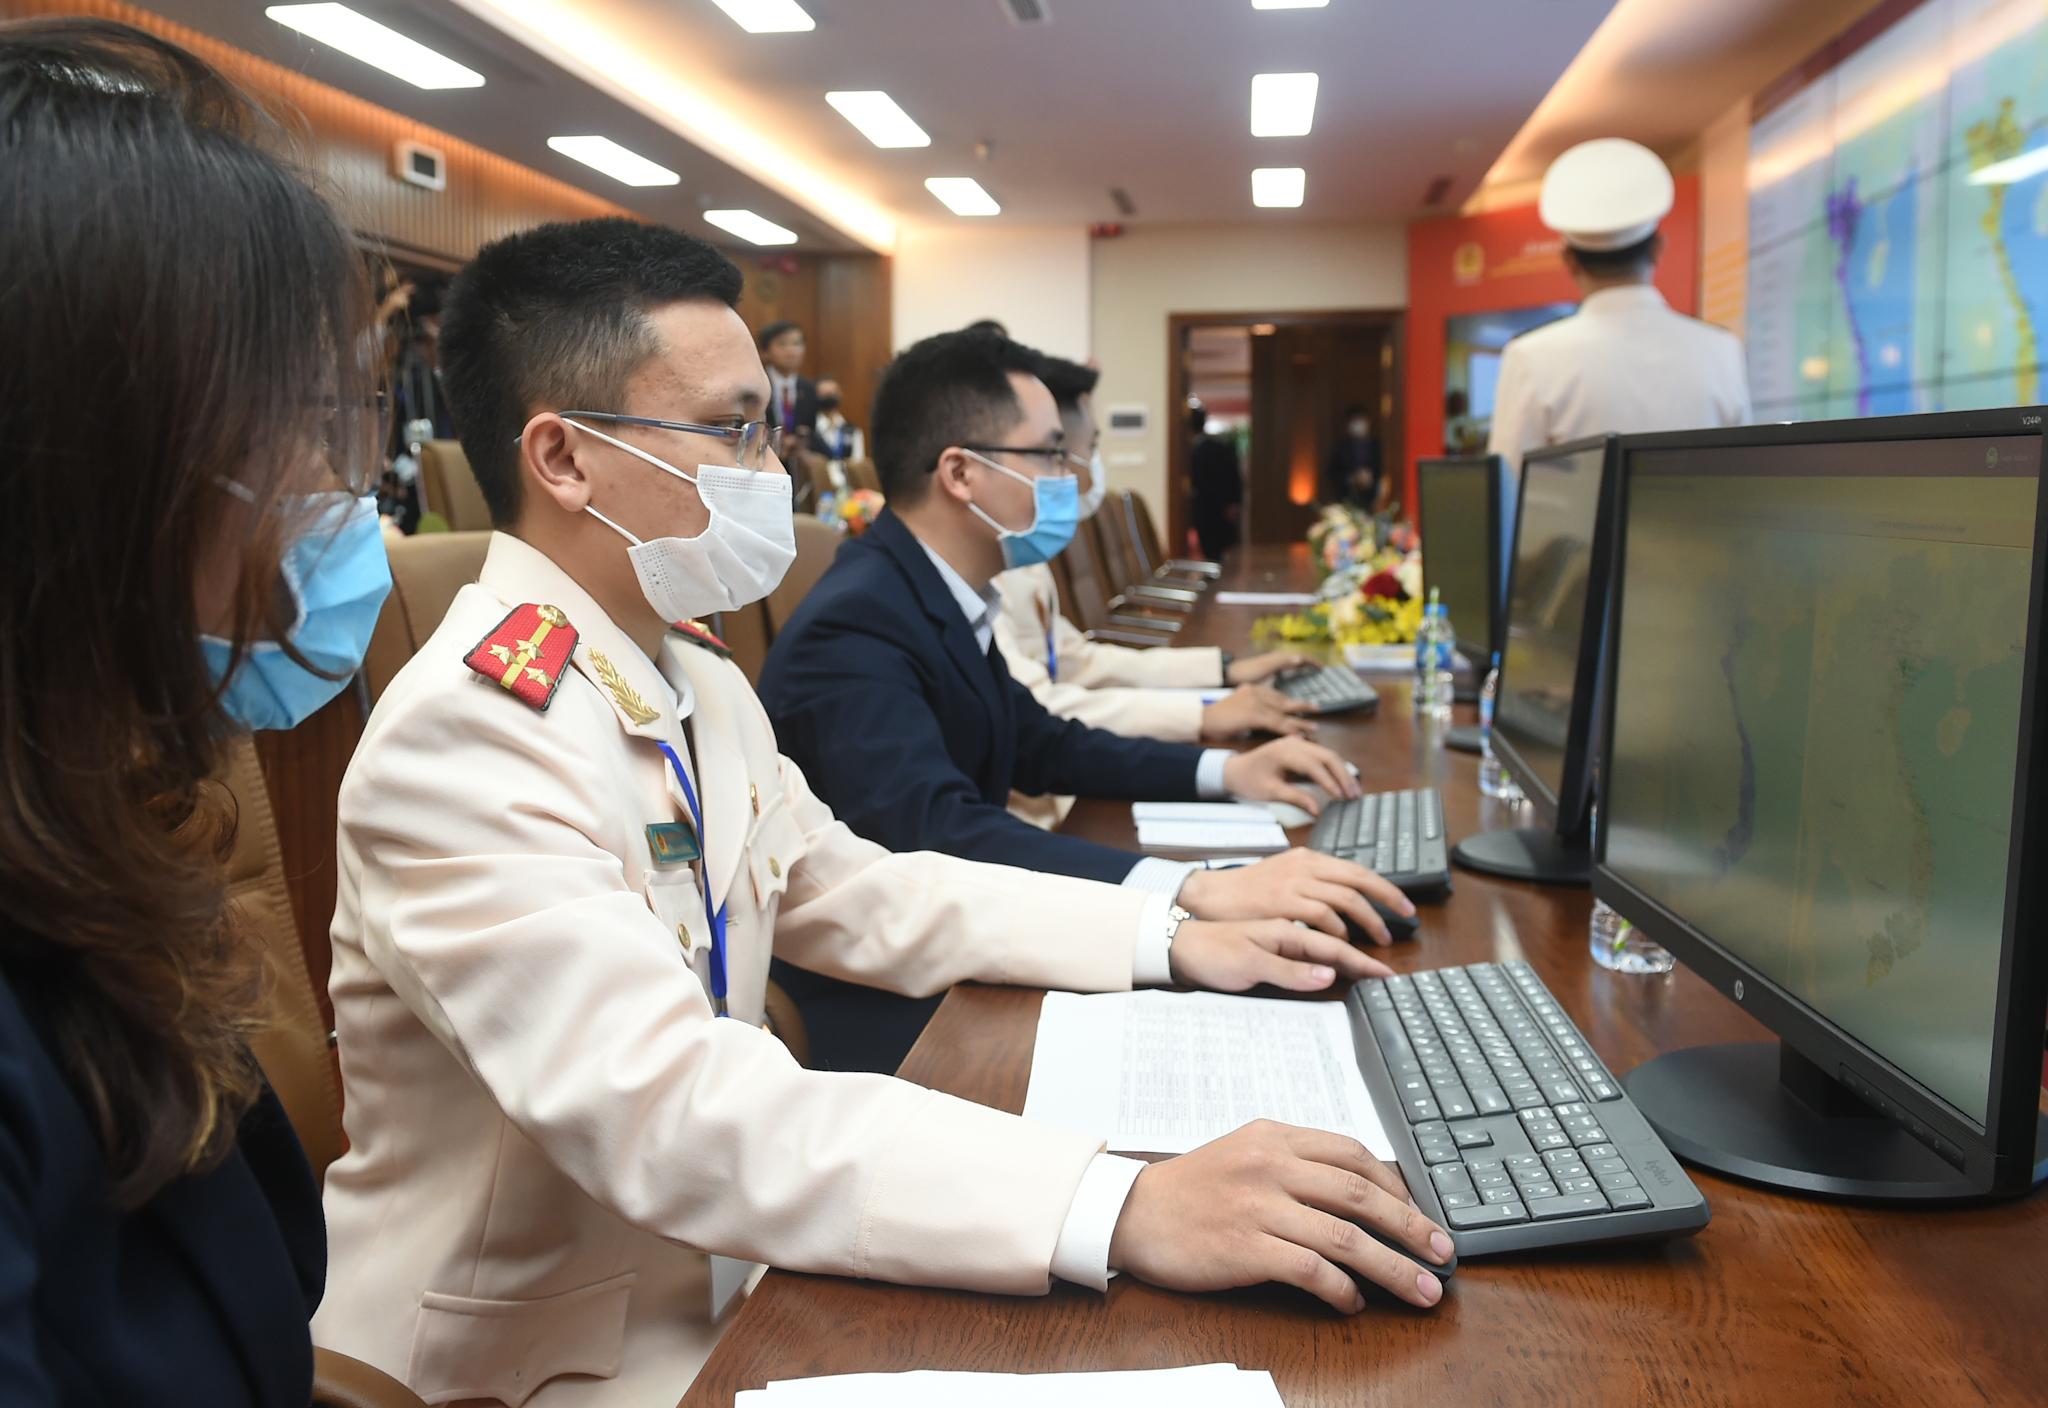 Thủ tướng dự khai trương 2 hệ thống CSDL phục vụ lợi ích cho mọi người dân 1